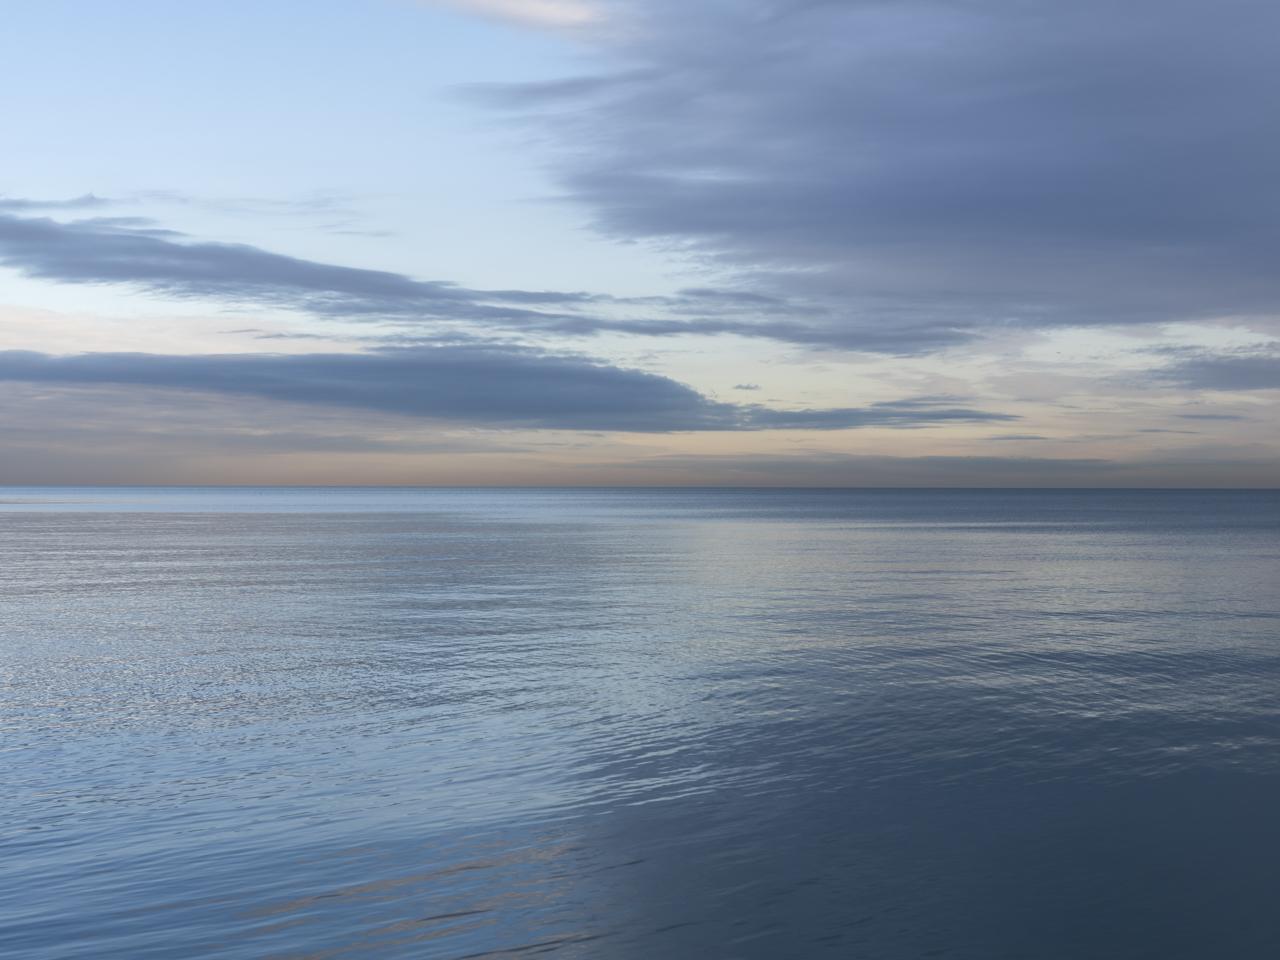 Lake Michigan, January 7th, 2020 (2)